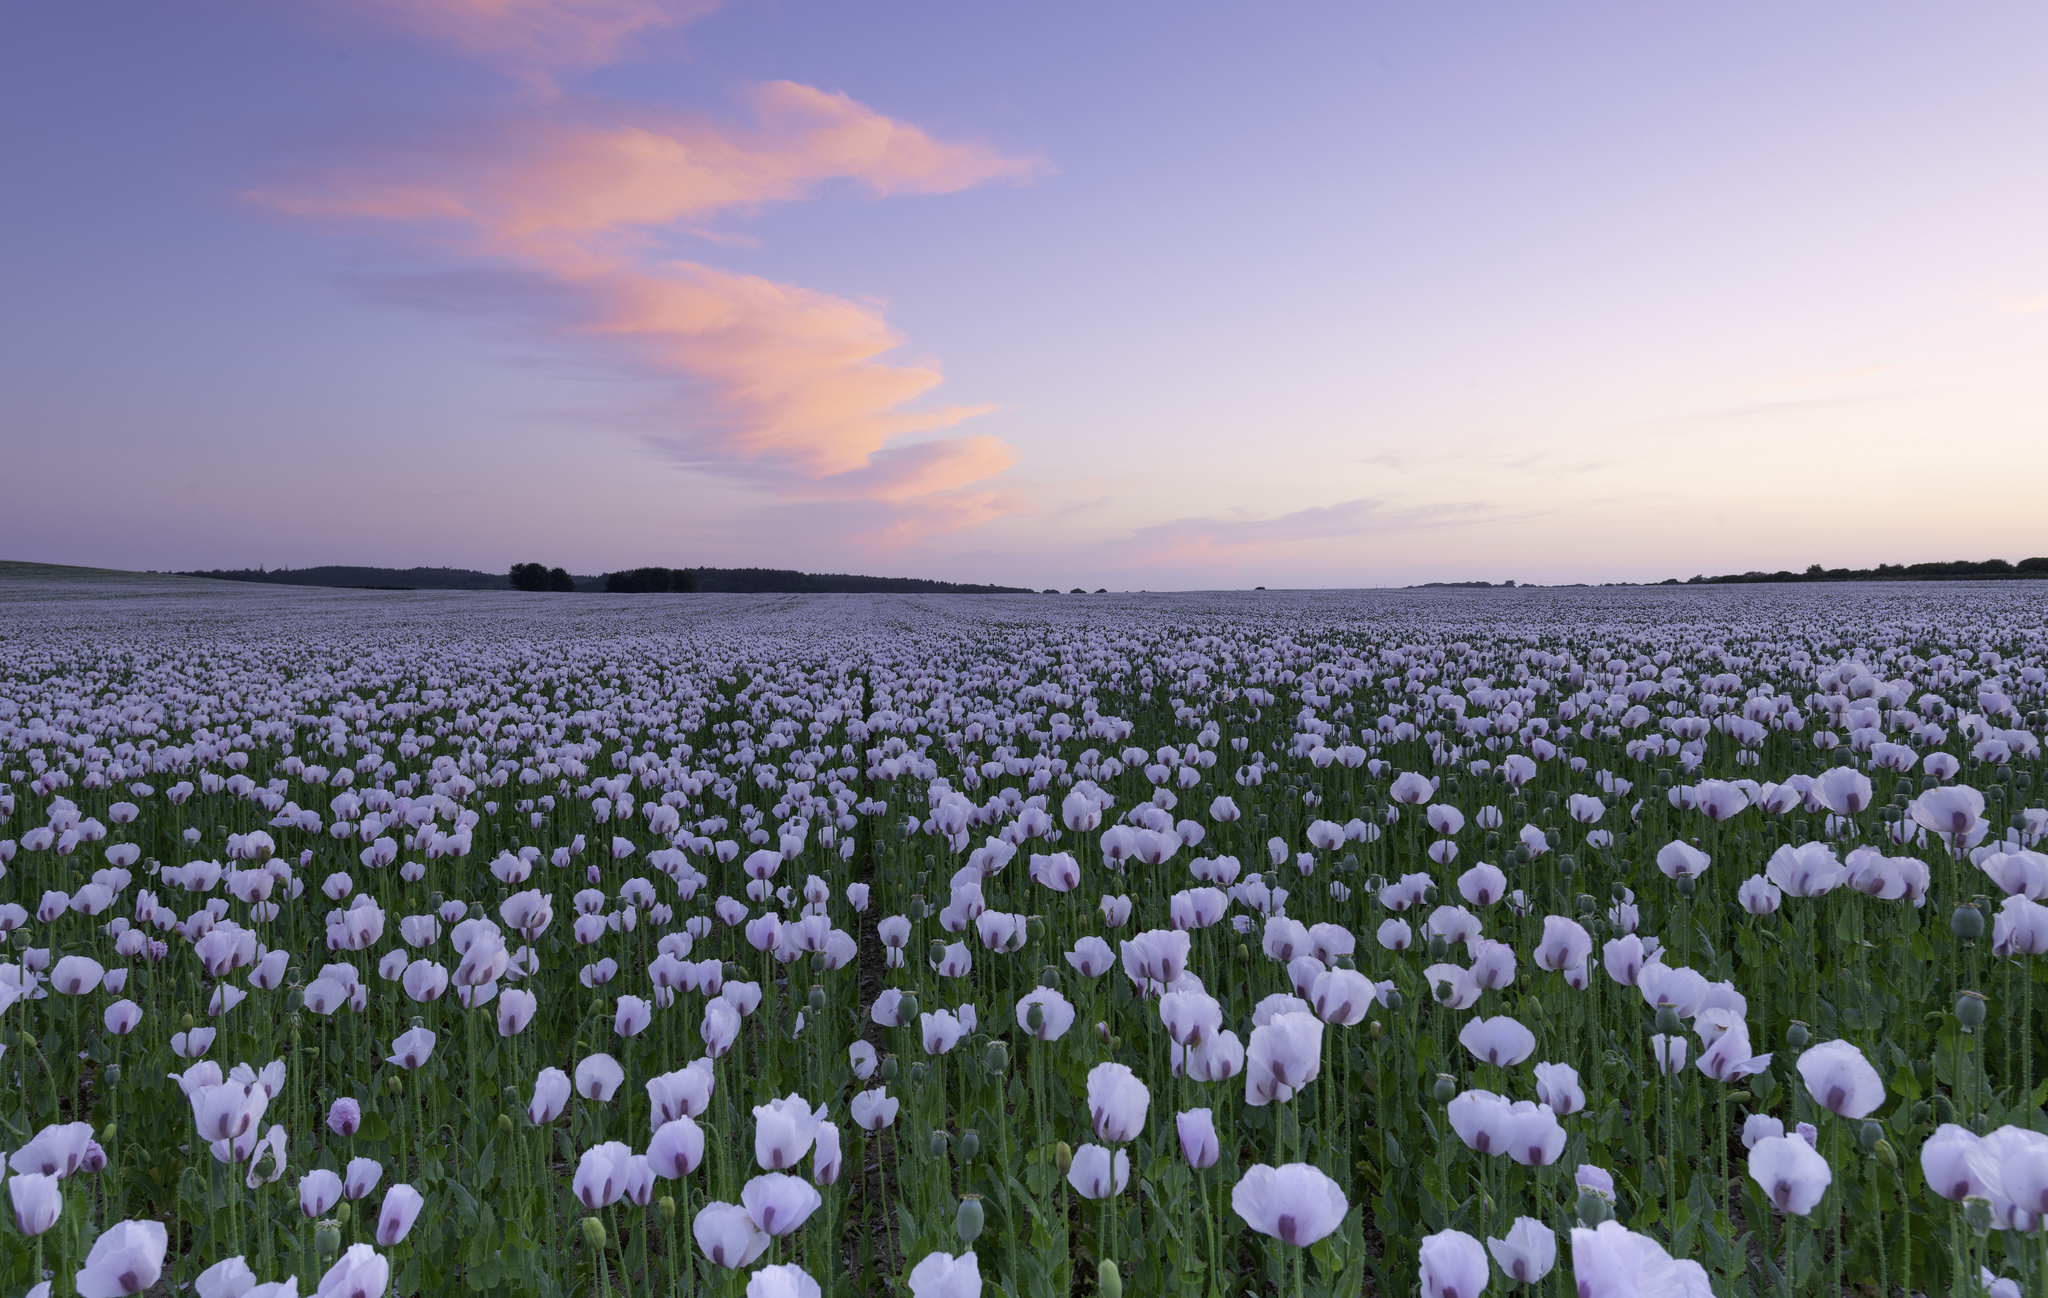 Jardin con flores blancas - 2048x1298